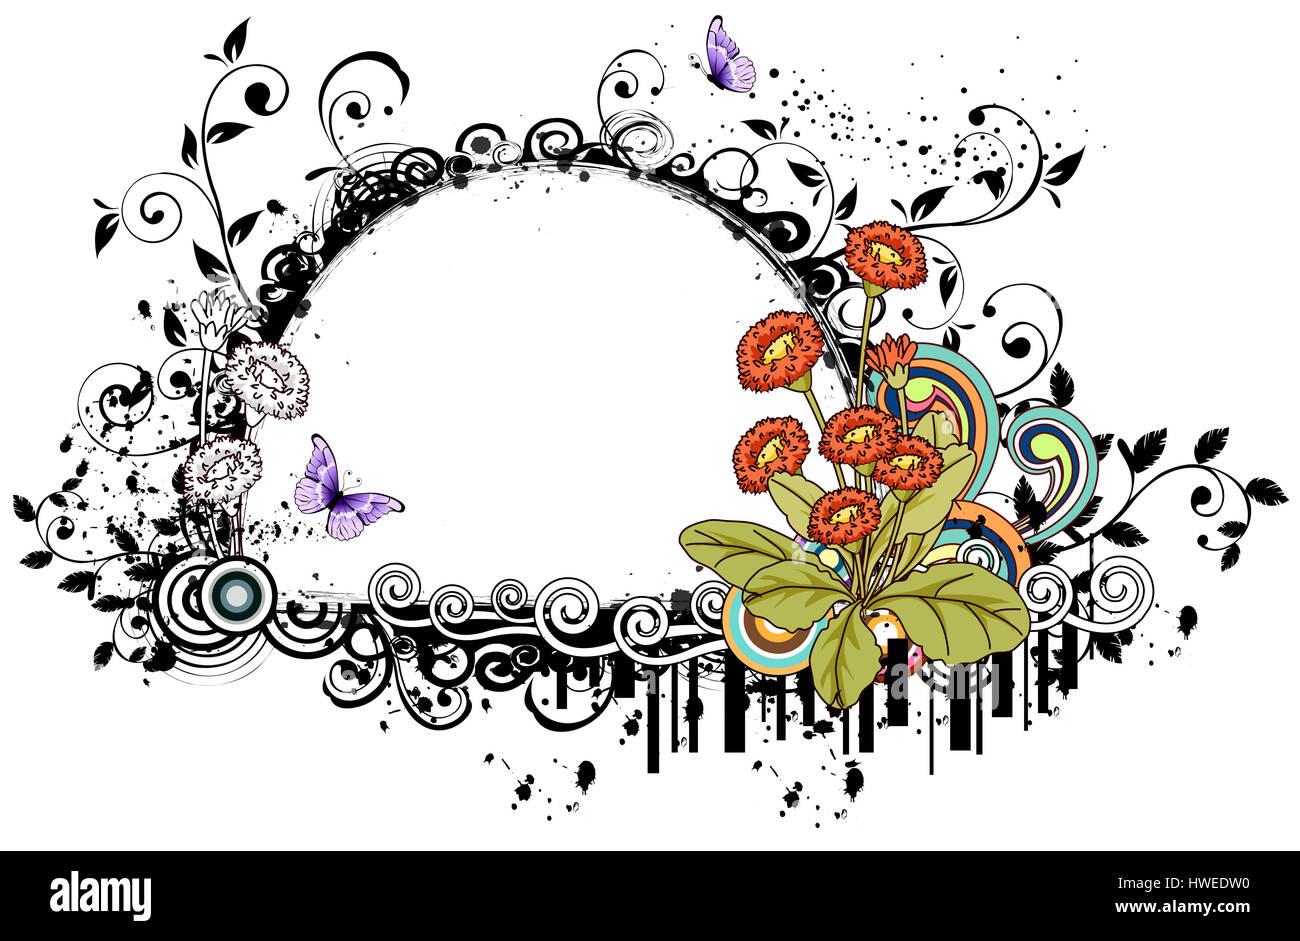 Whitewhite Backgroundbackgroundabstractartartworkcartooncgiclip Artcolorfulcolor Imagecomputer Graphicscreativedigital Artdigital Technology